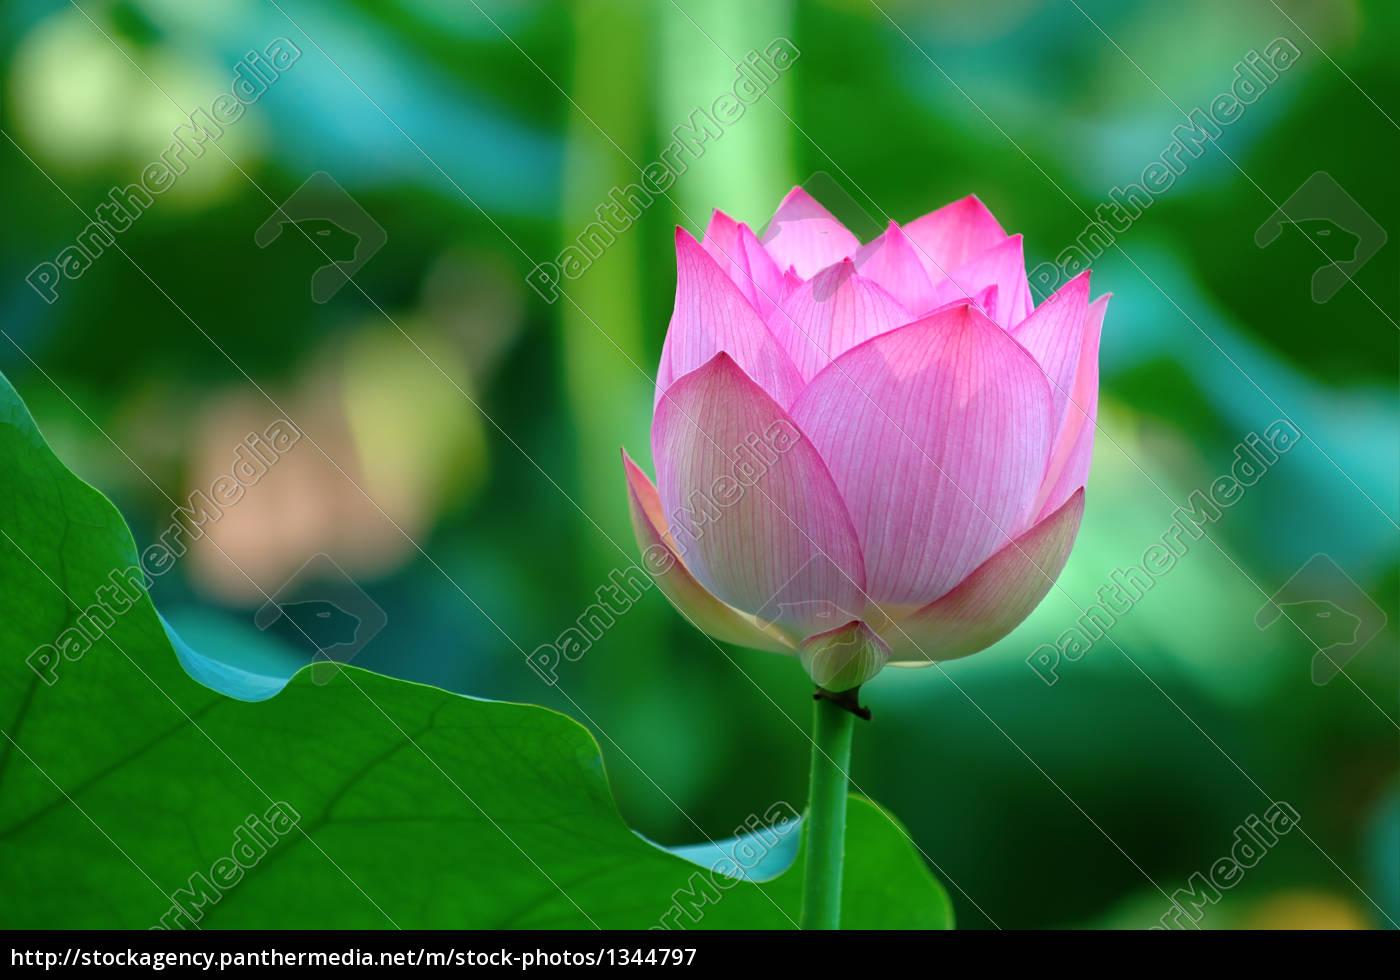 a, lotus, flower, beside, a, leaf - 1344797